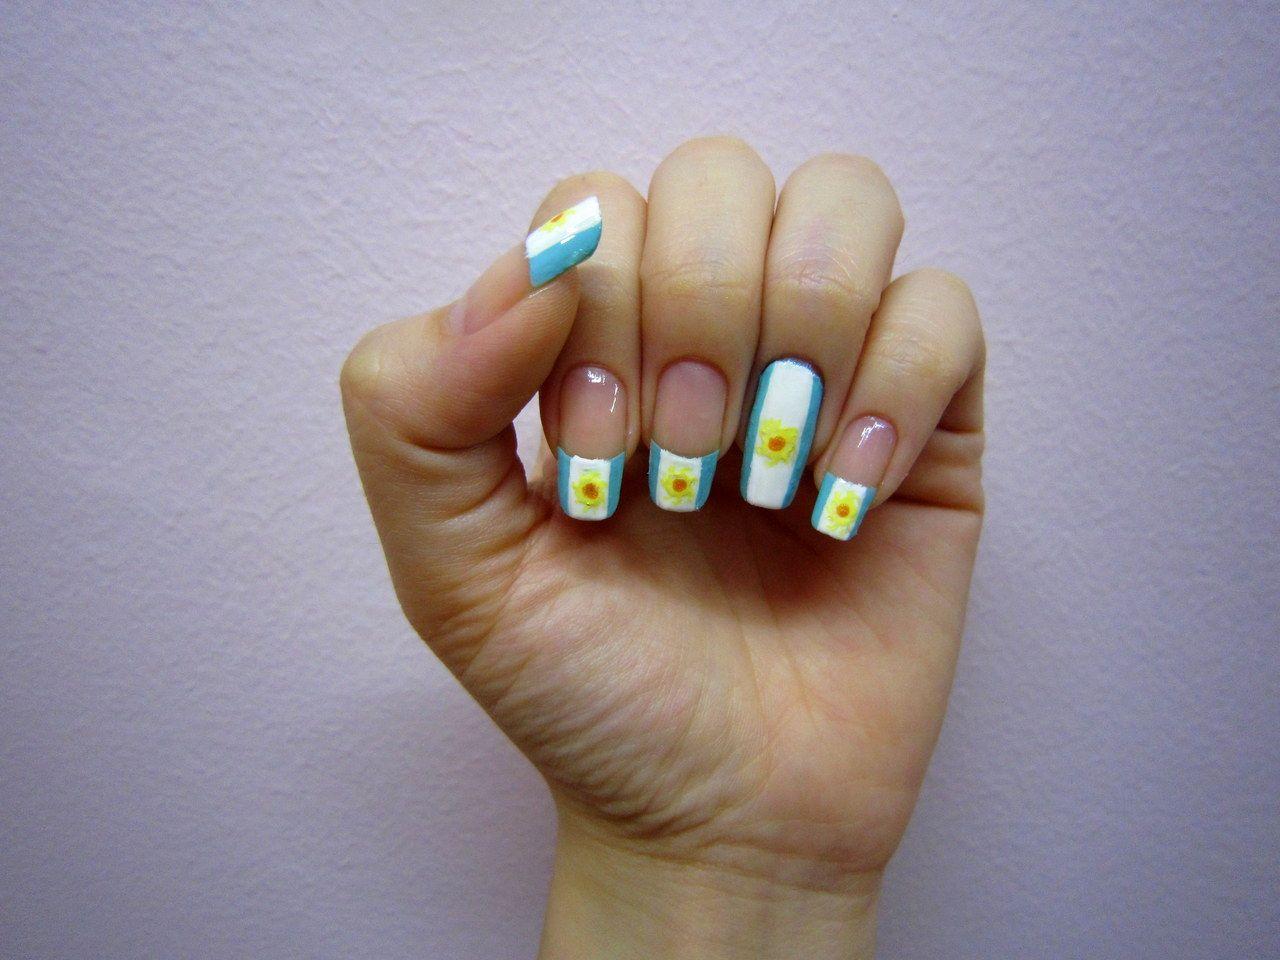 Uñas decoradas con la Bandera Argentina o sus colores   Decoración ...